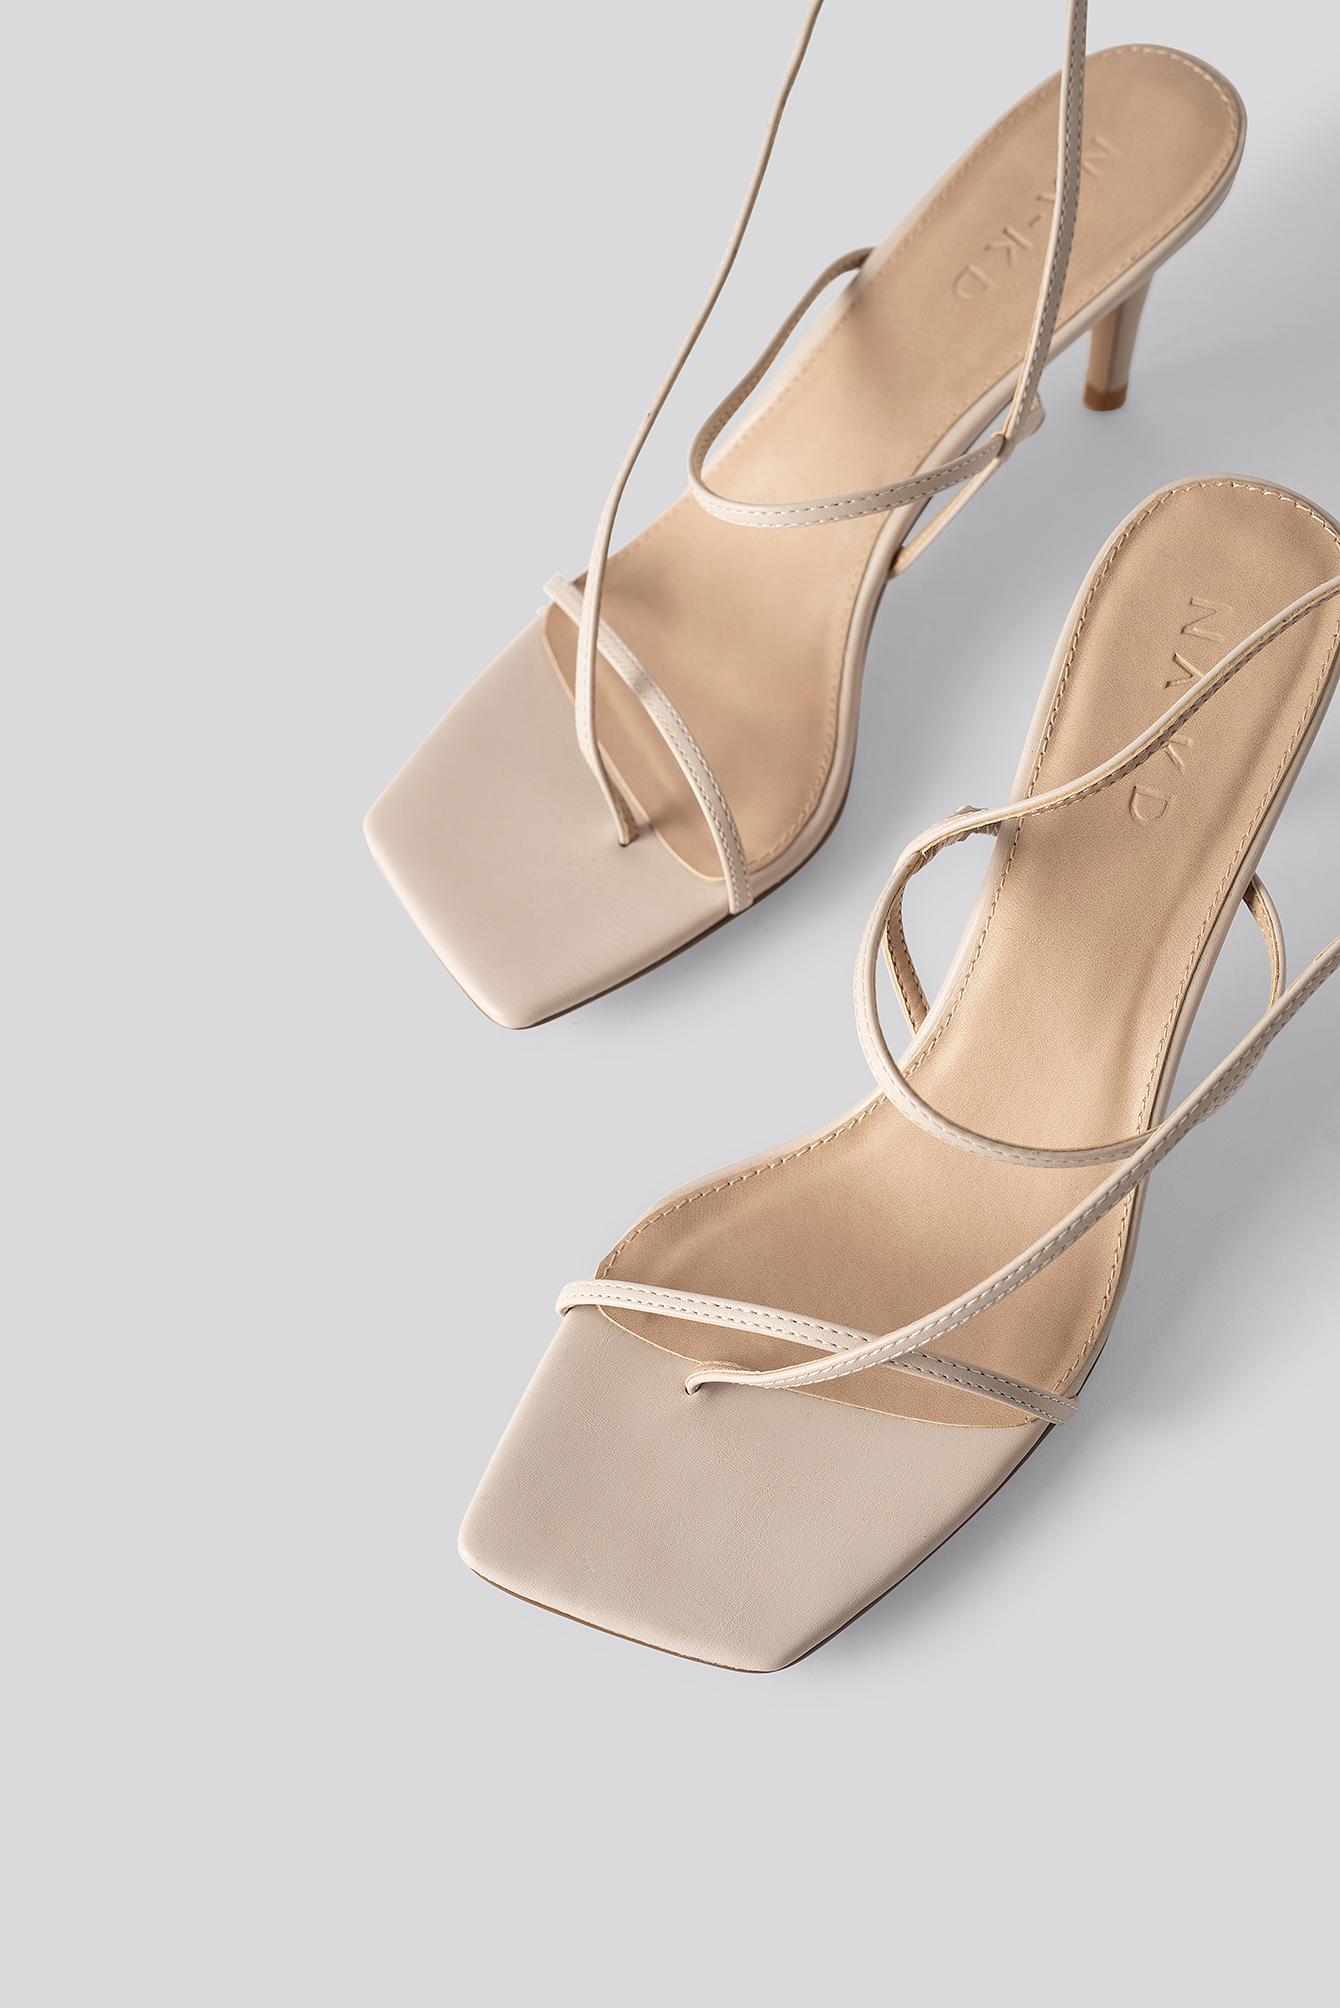 Strappy Stiletto Sandals Caoutchouc NA-KD en coloris Neutre